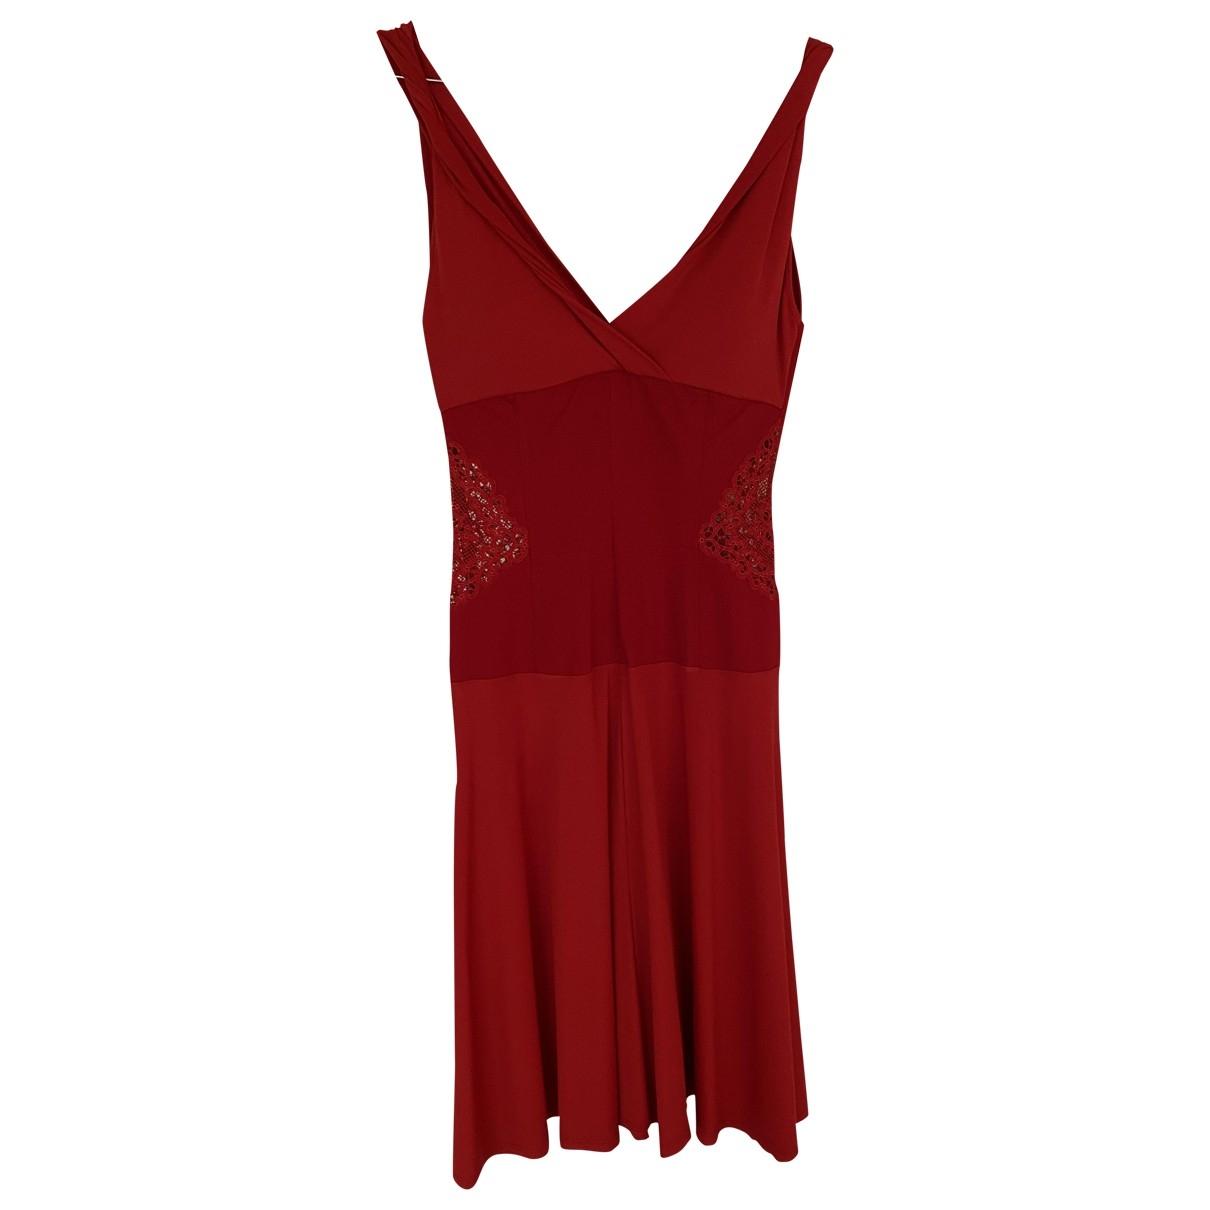 La Perla \N Red dress for Women 40 IT